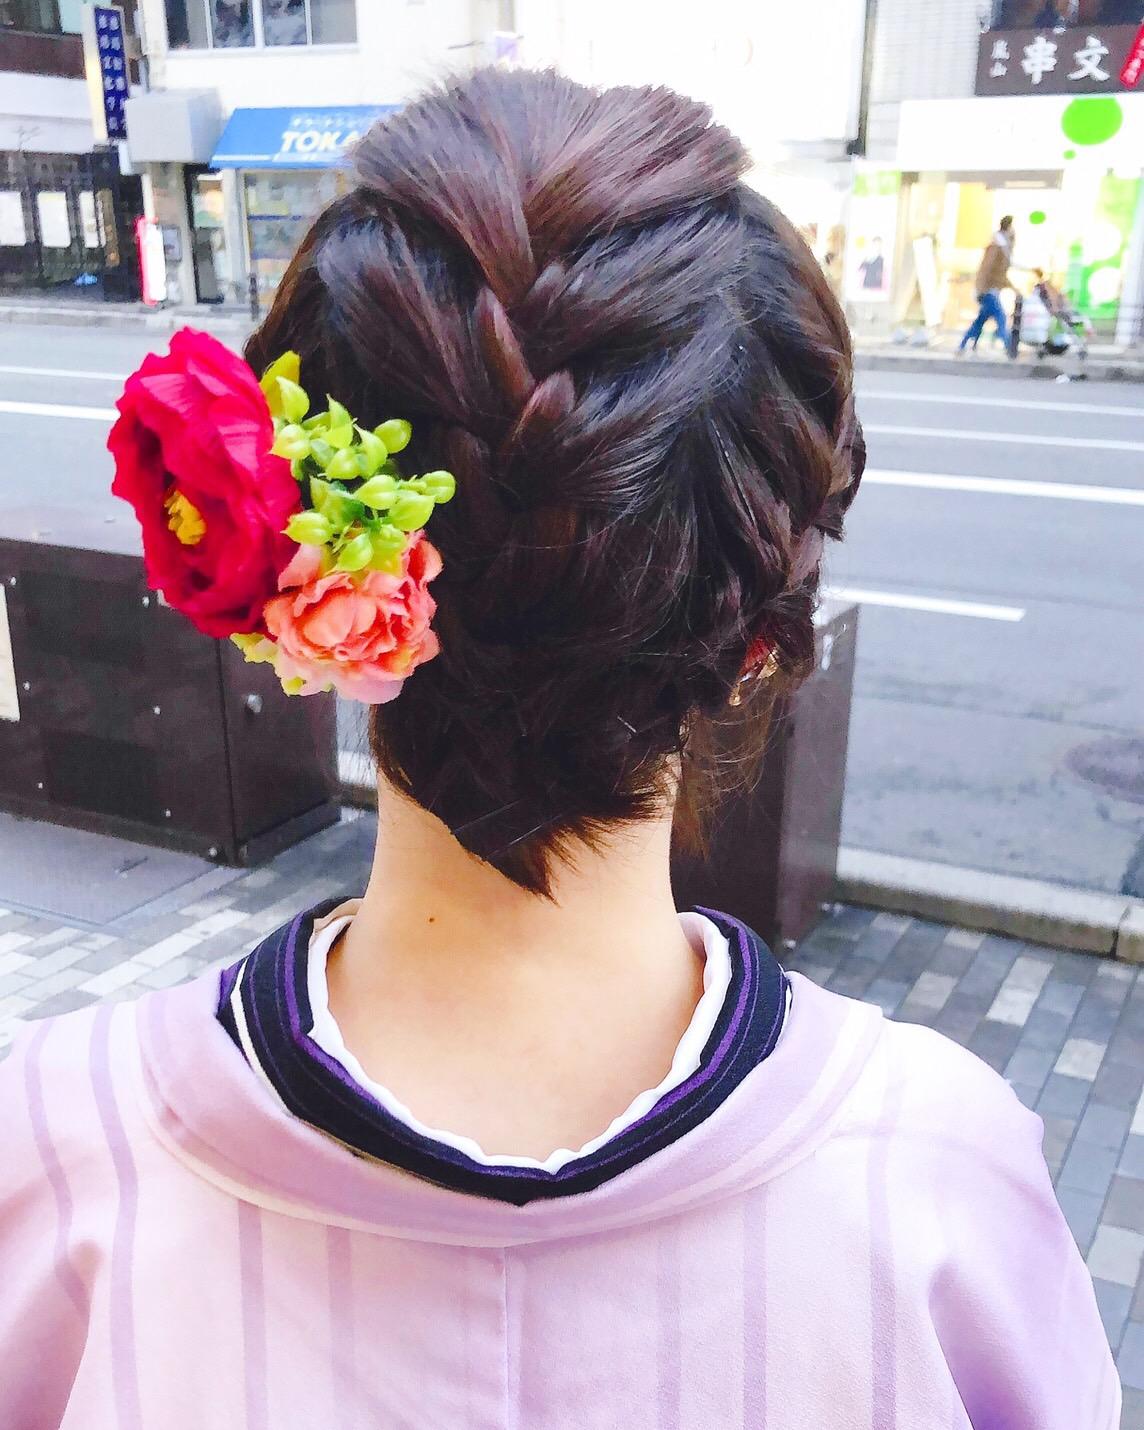 関東から春休み中の大学生♡2019年2月11日12